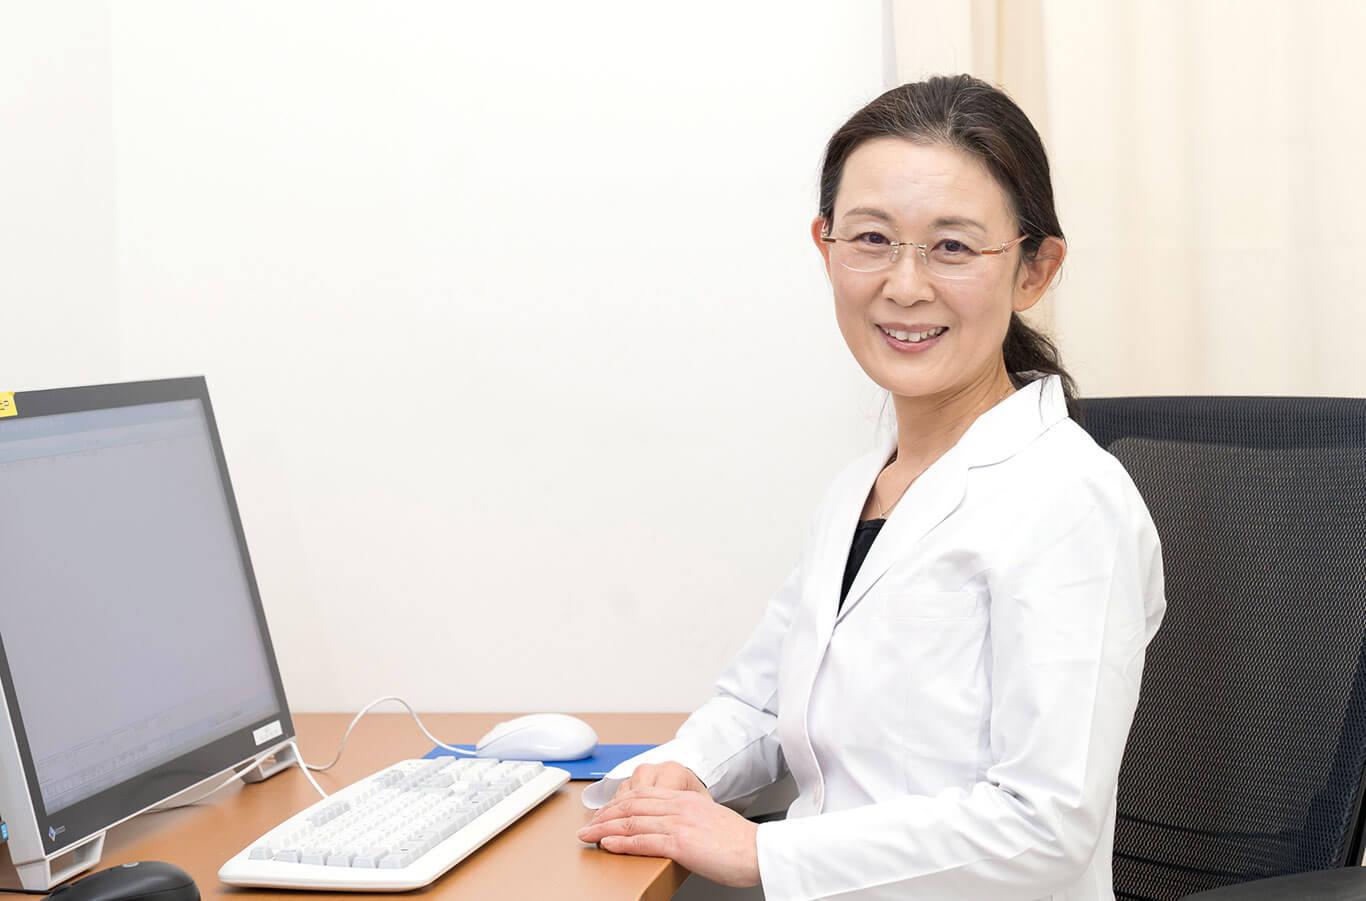 医療法人社団 實理会 東京八重洲クリニック 東洋医学科 医師 梅山 孝江